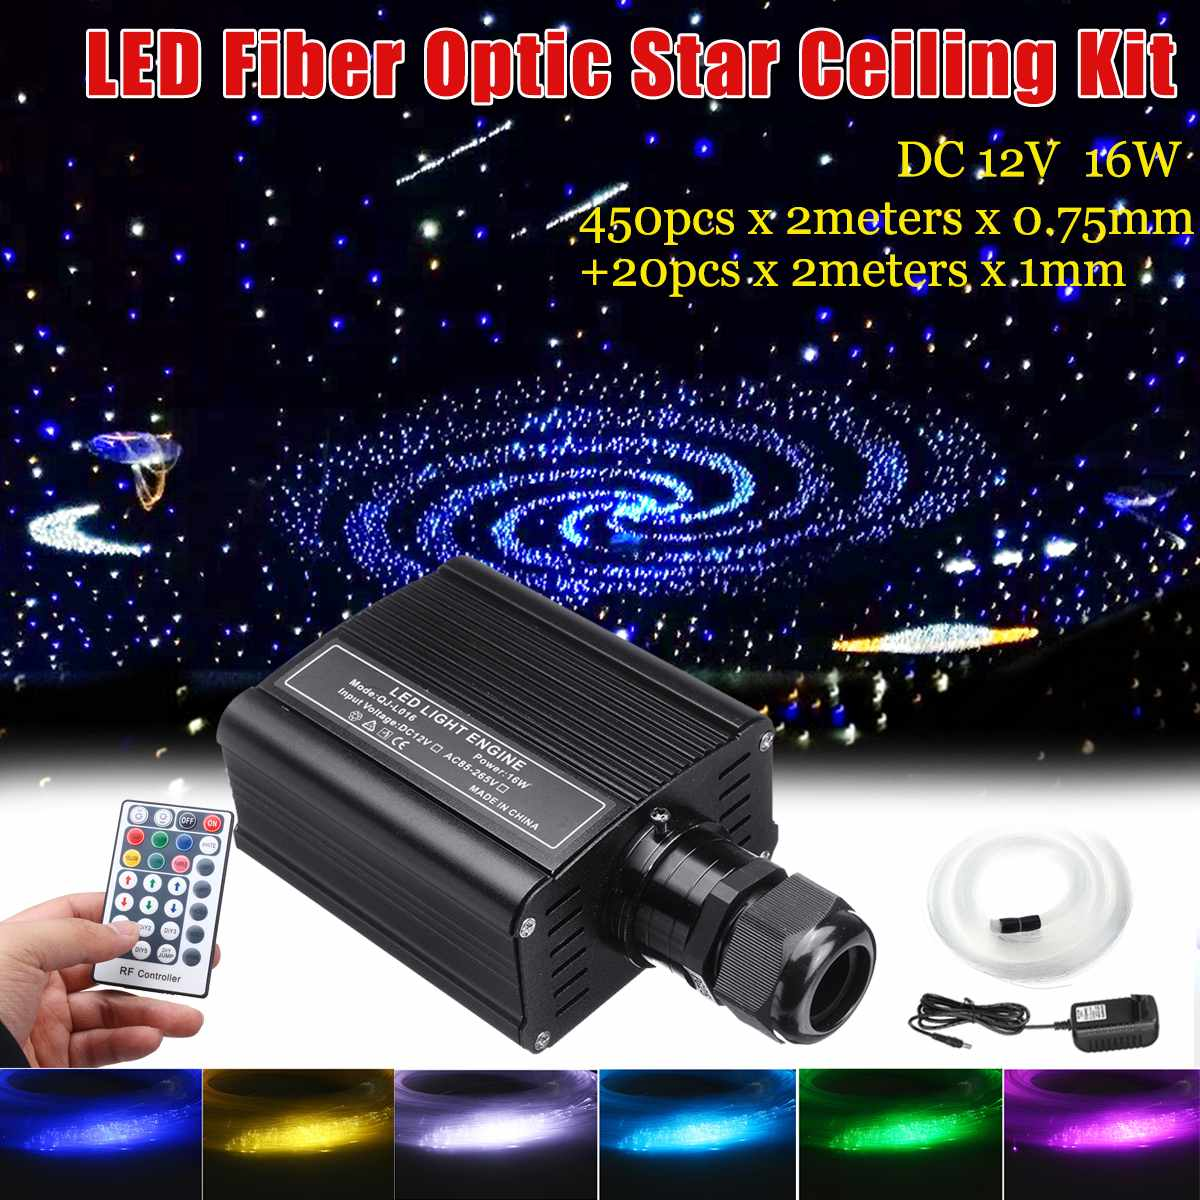 16 W RGBW светодиодный оптического волокна свет лампы 450 шт 2 м 0,75 мм + 20 шт 2 м 1 мм оптическое волокно + 28 кнопочный пульт для домашнего праздника автомобиля Свадебный декор